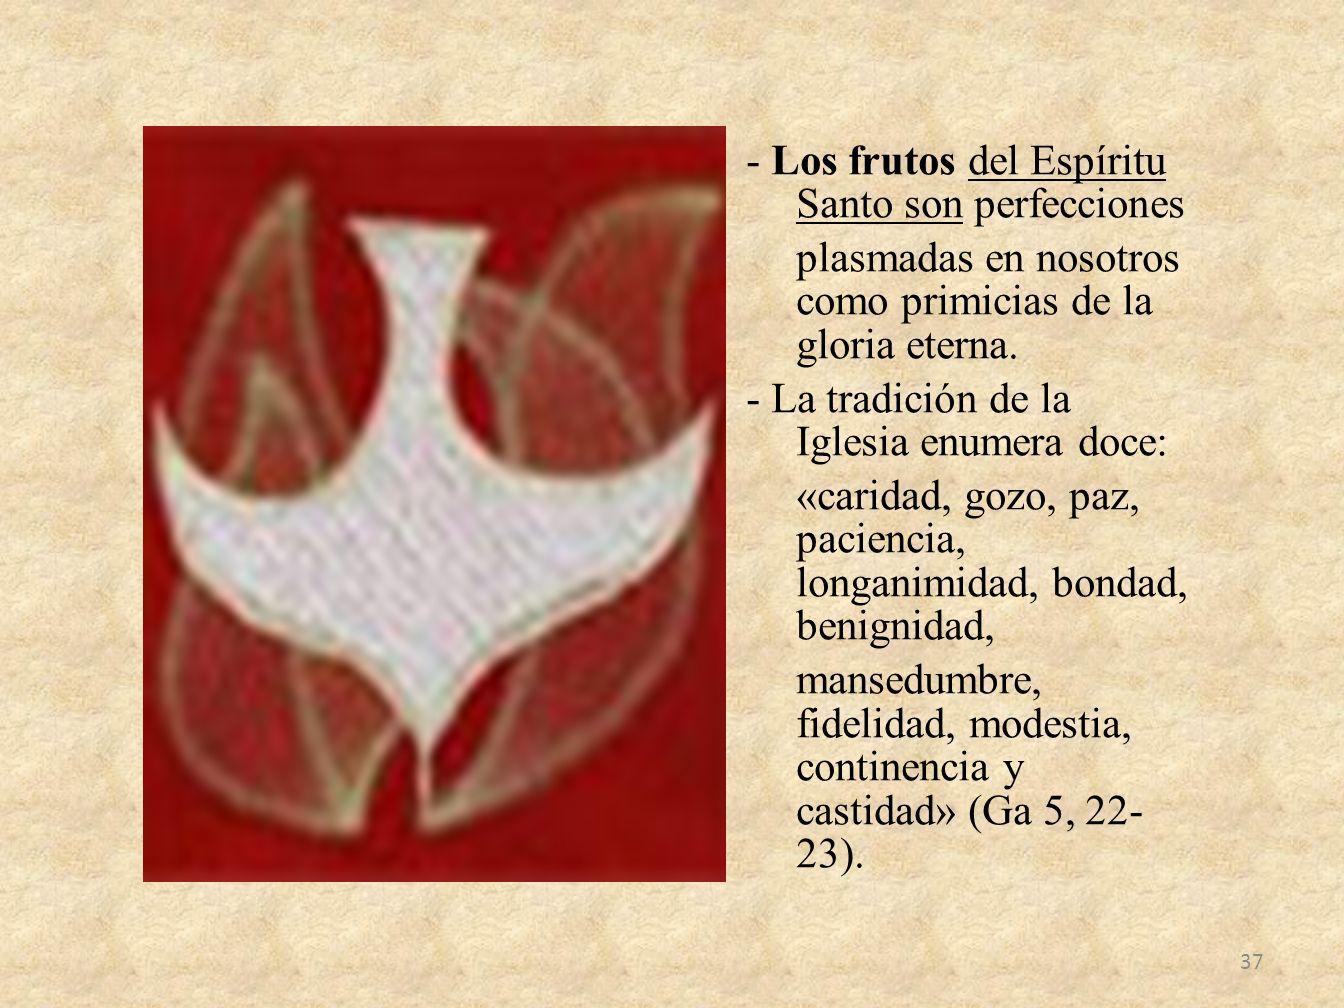 - Los frutos del Espíritu Santo son perfecciones plasmadas en nosotros como primicias de la gloria eterna.